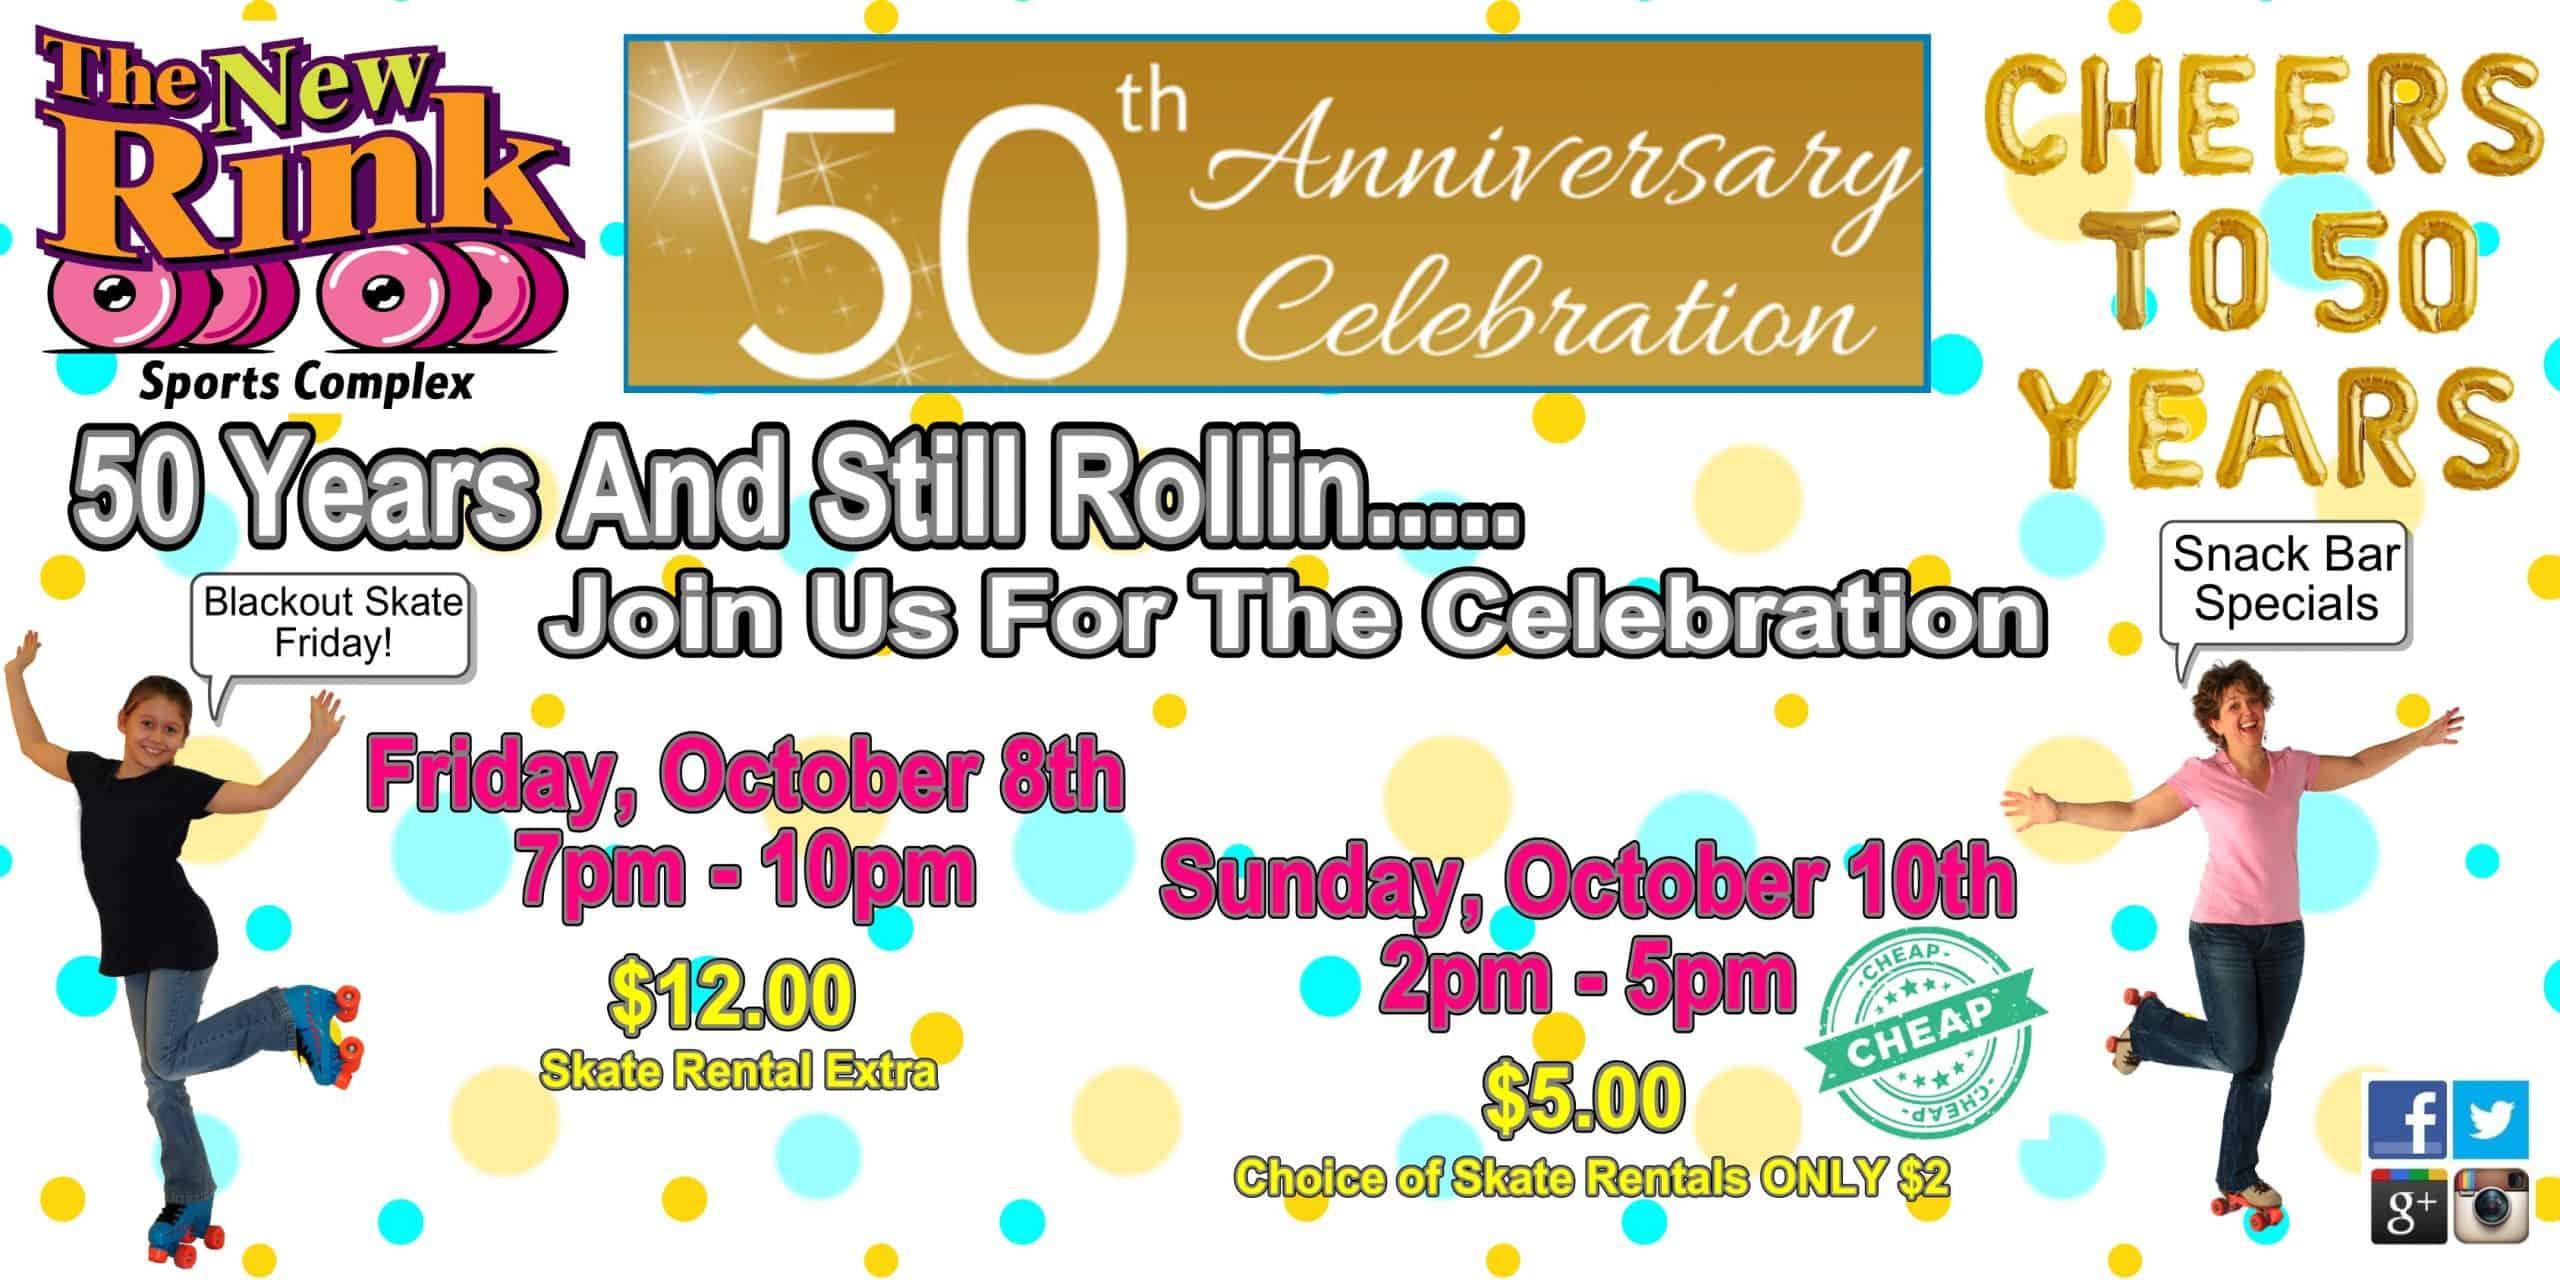 TNR 50th Anniversary